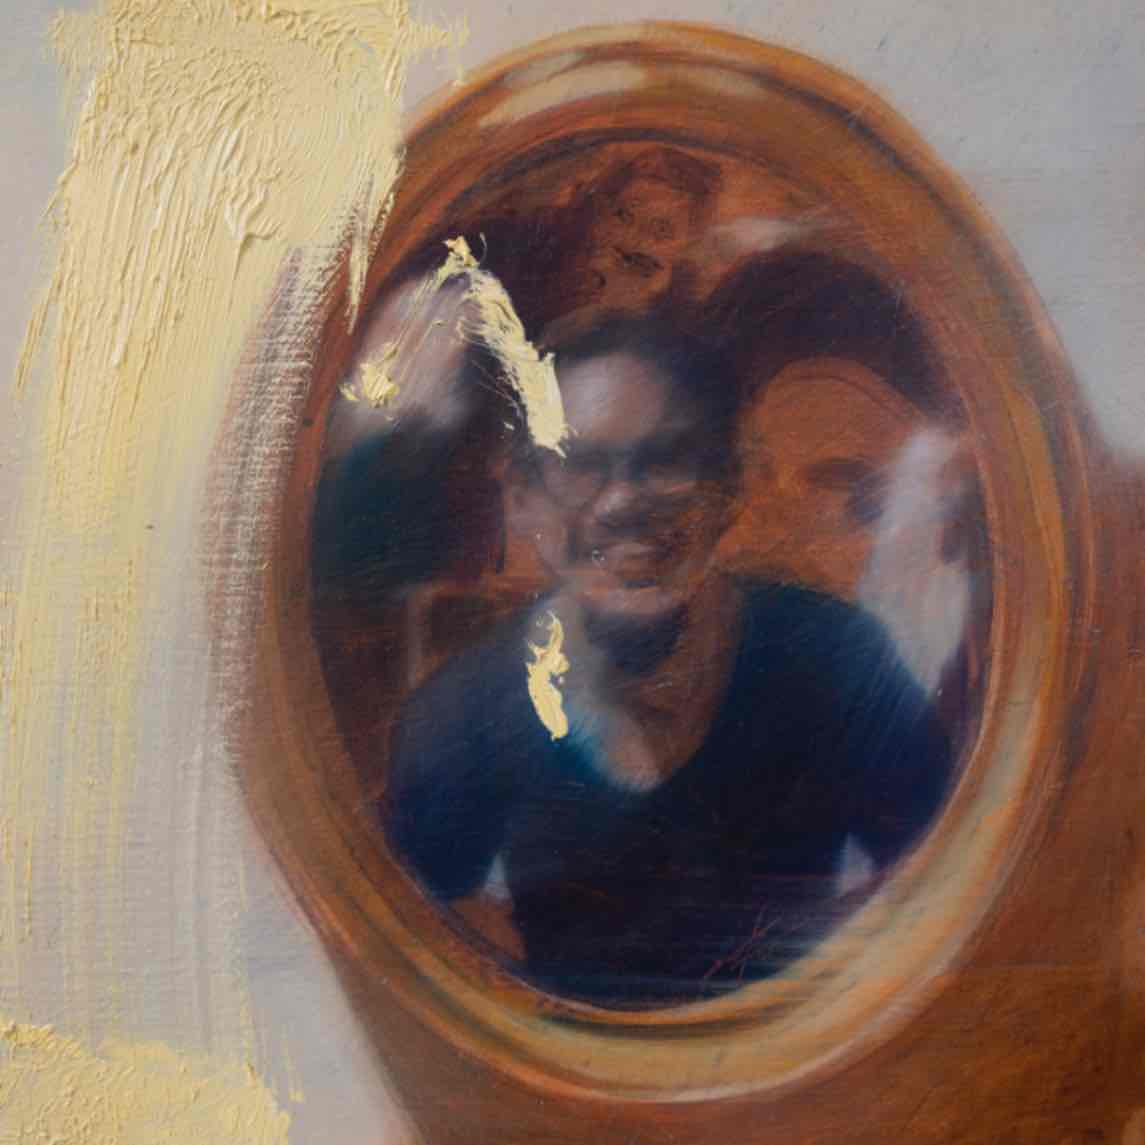 Obra: Autorretrato 🆚 Mirror Selfies 😁